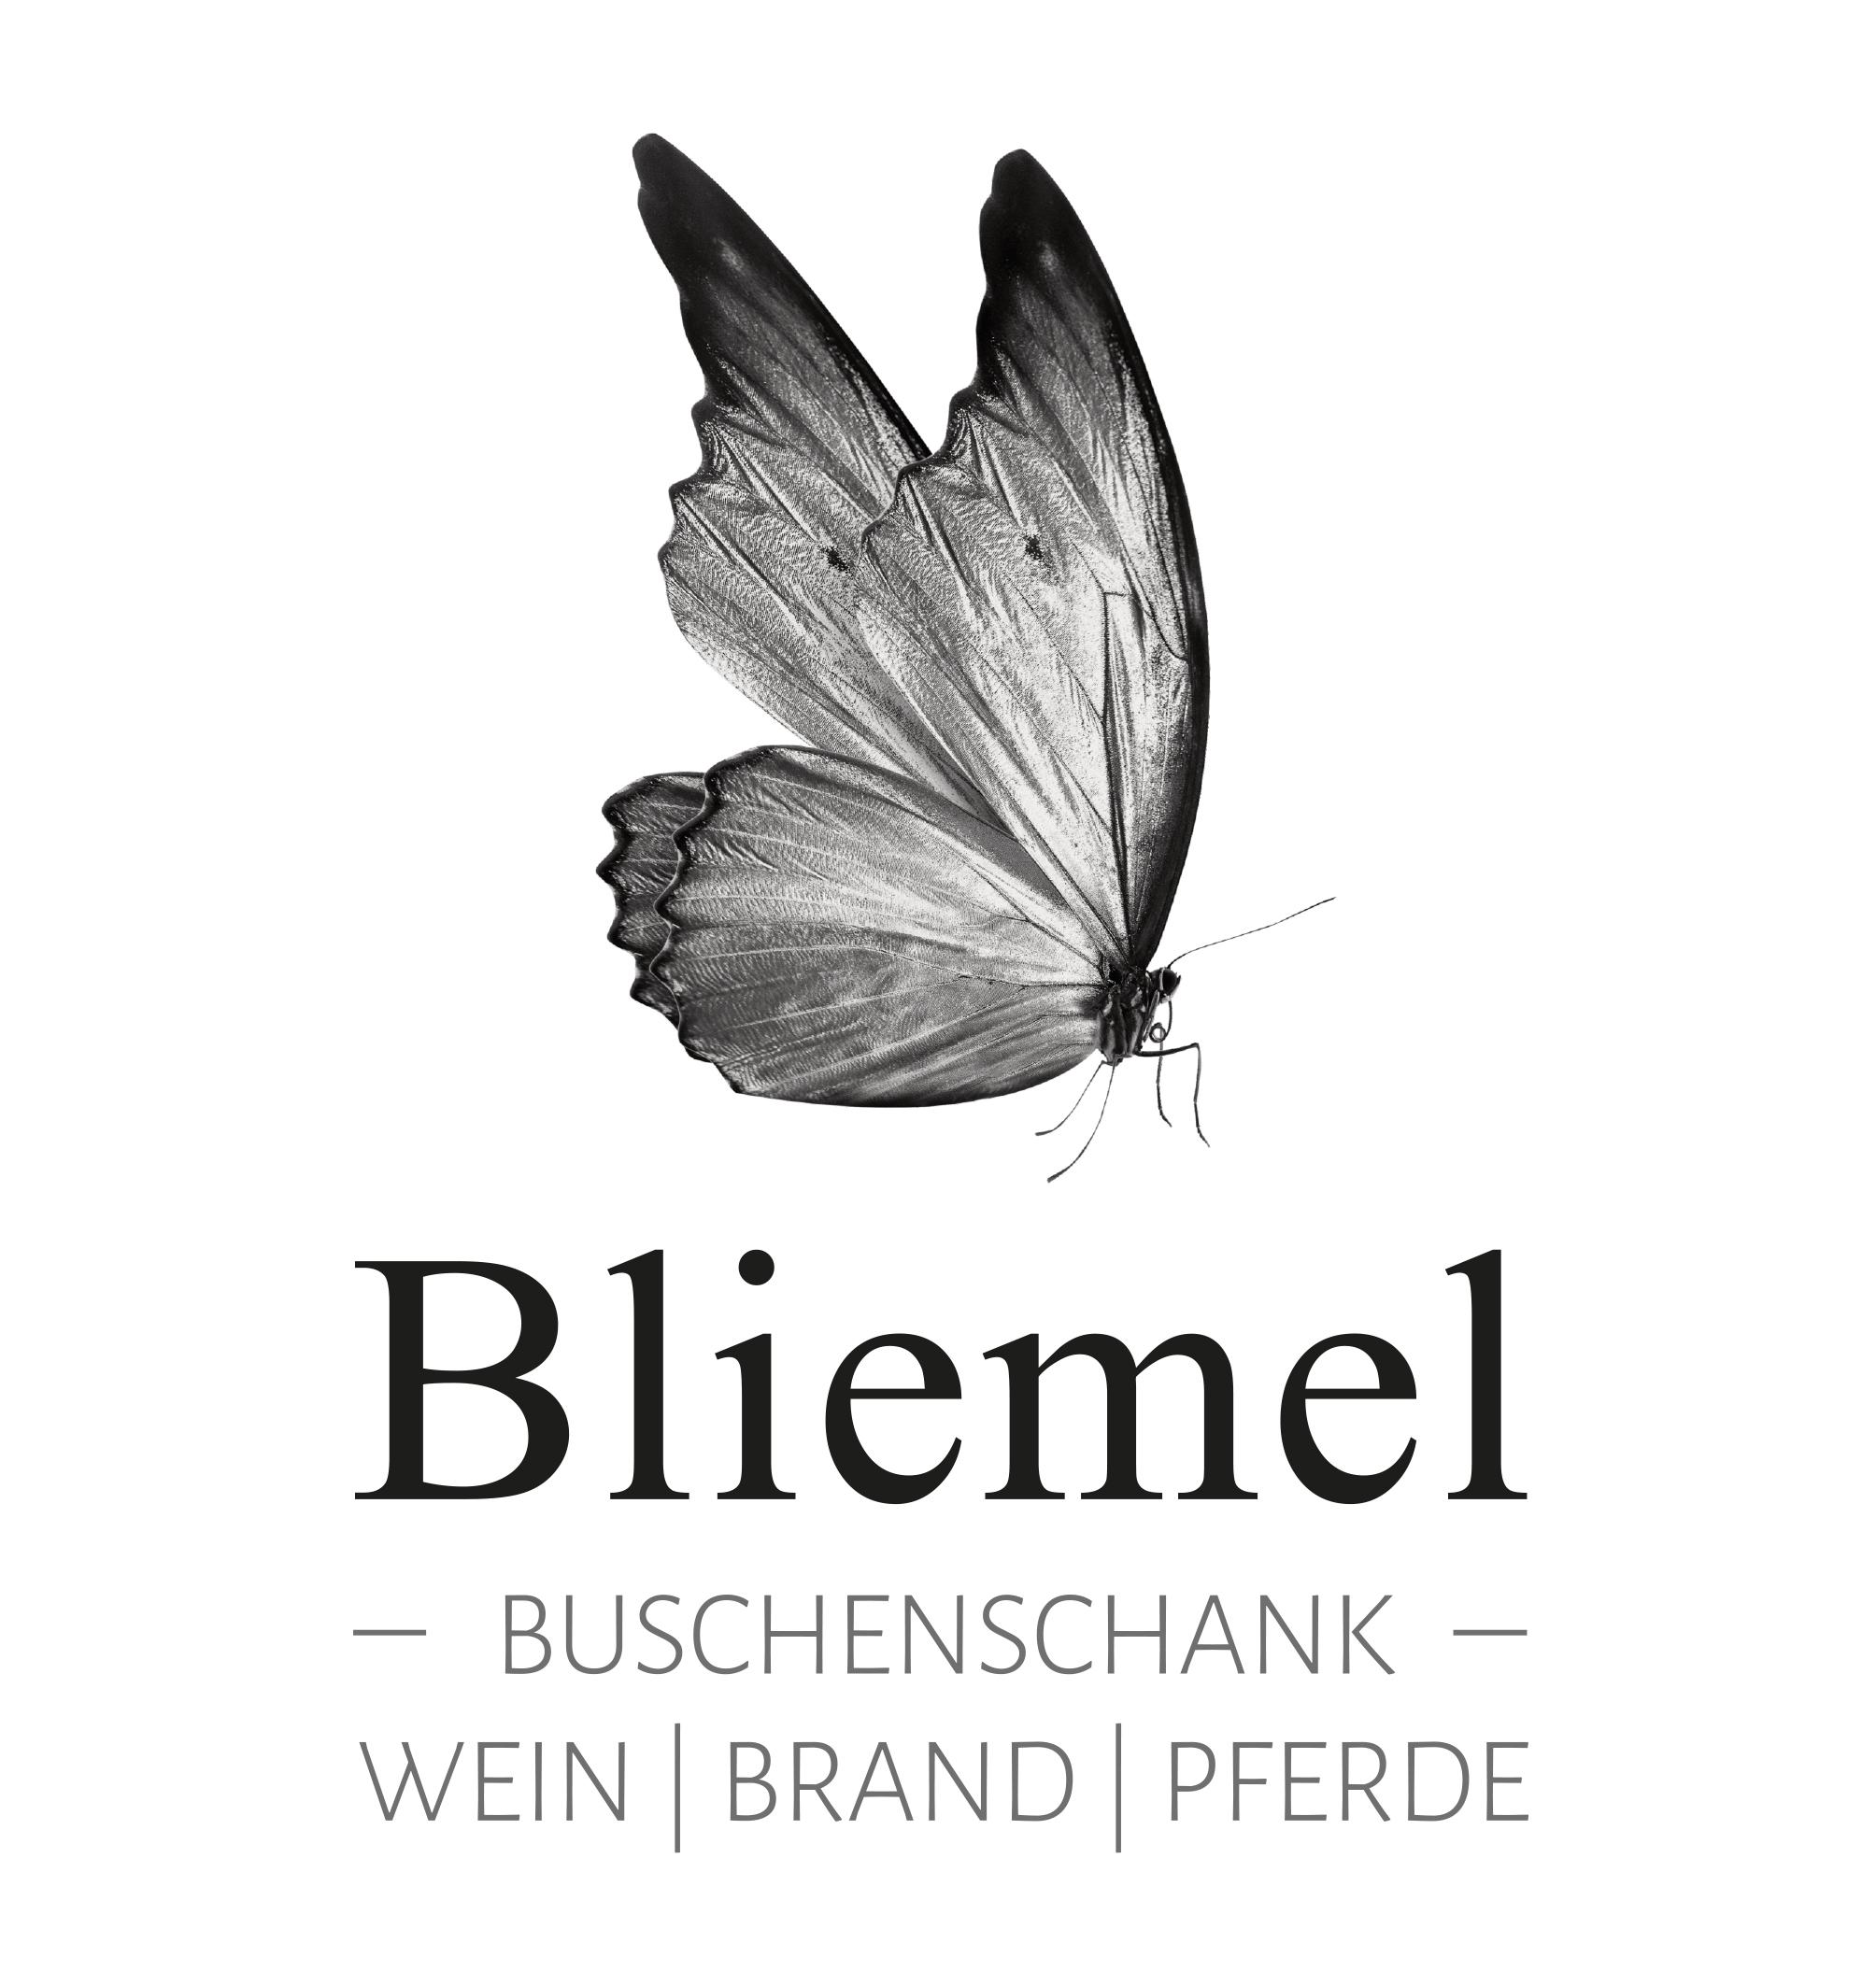 Bliemel-Hauptmarke2017